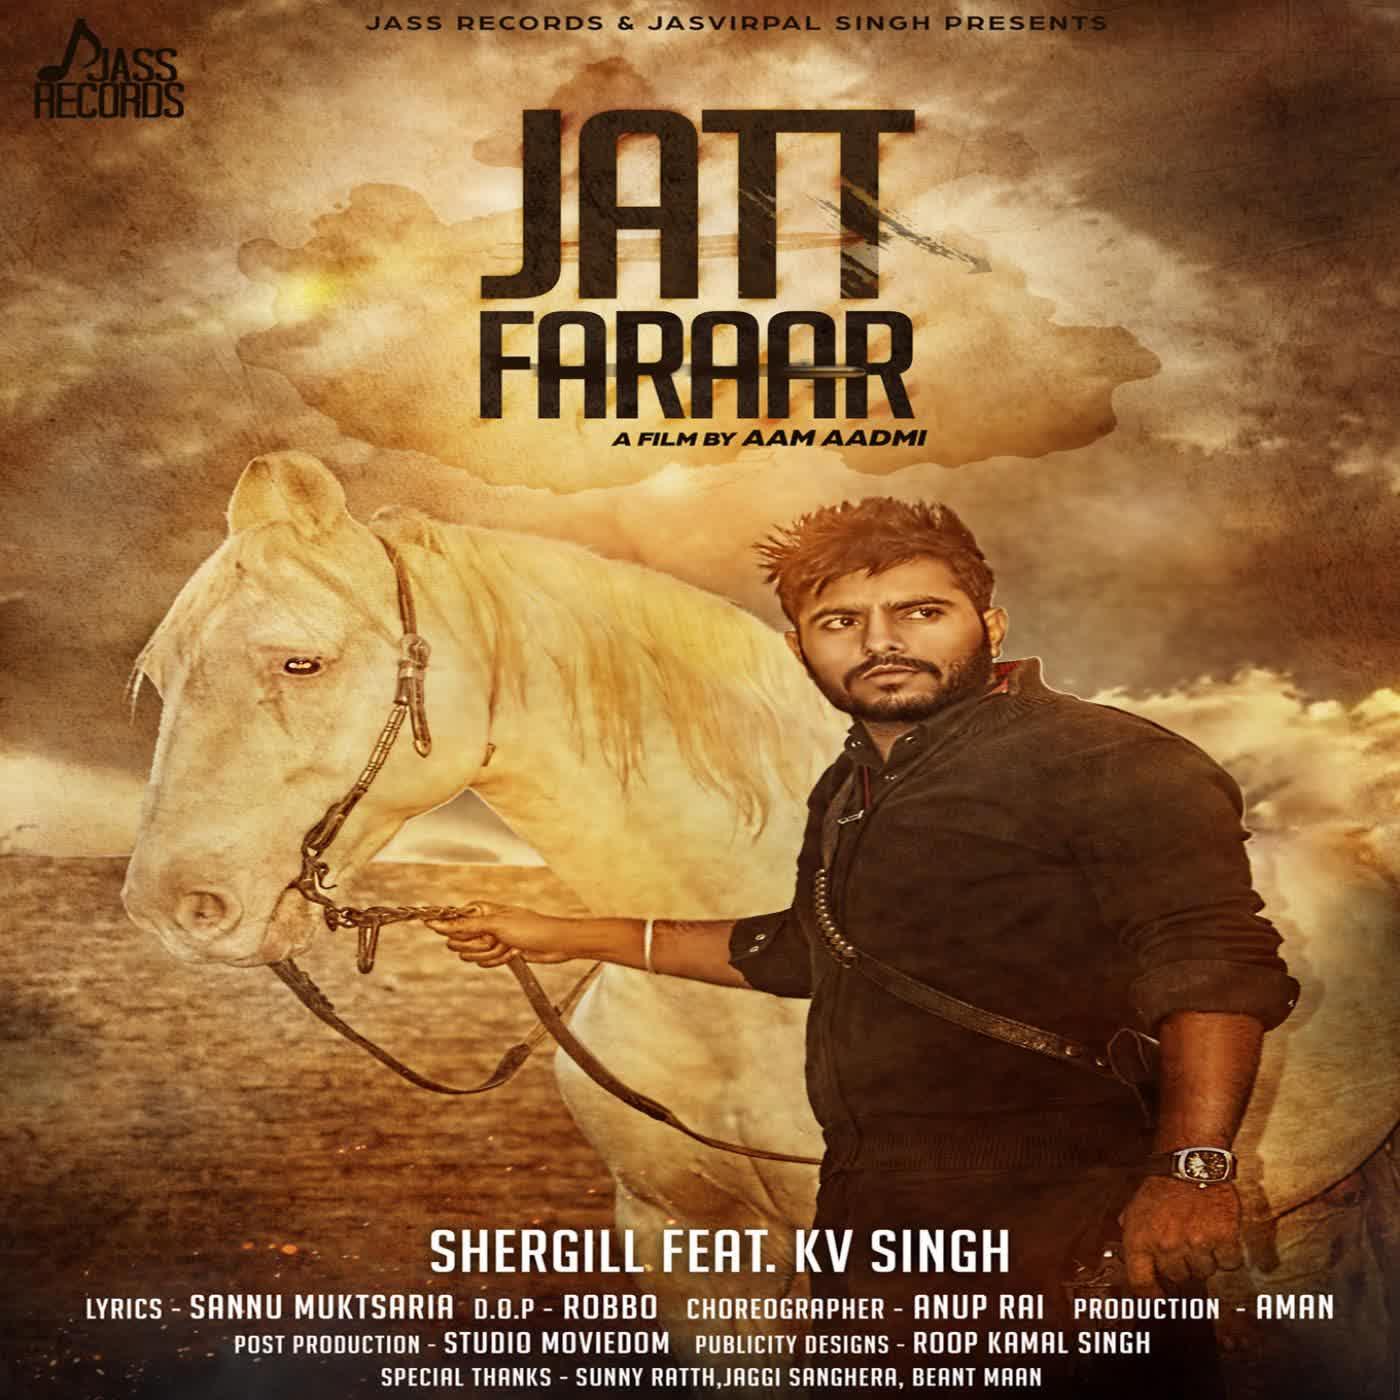 Jatt Faraar SherGill